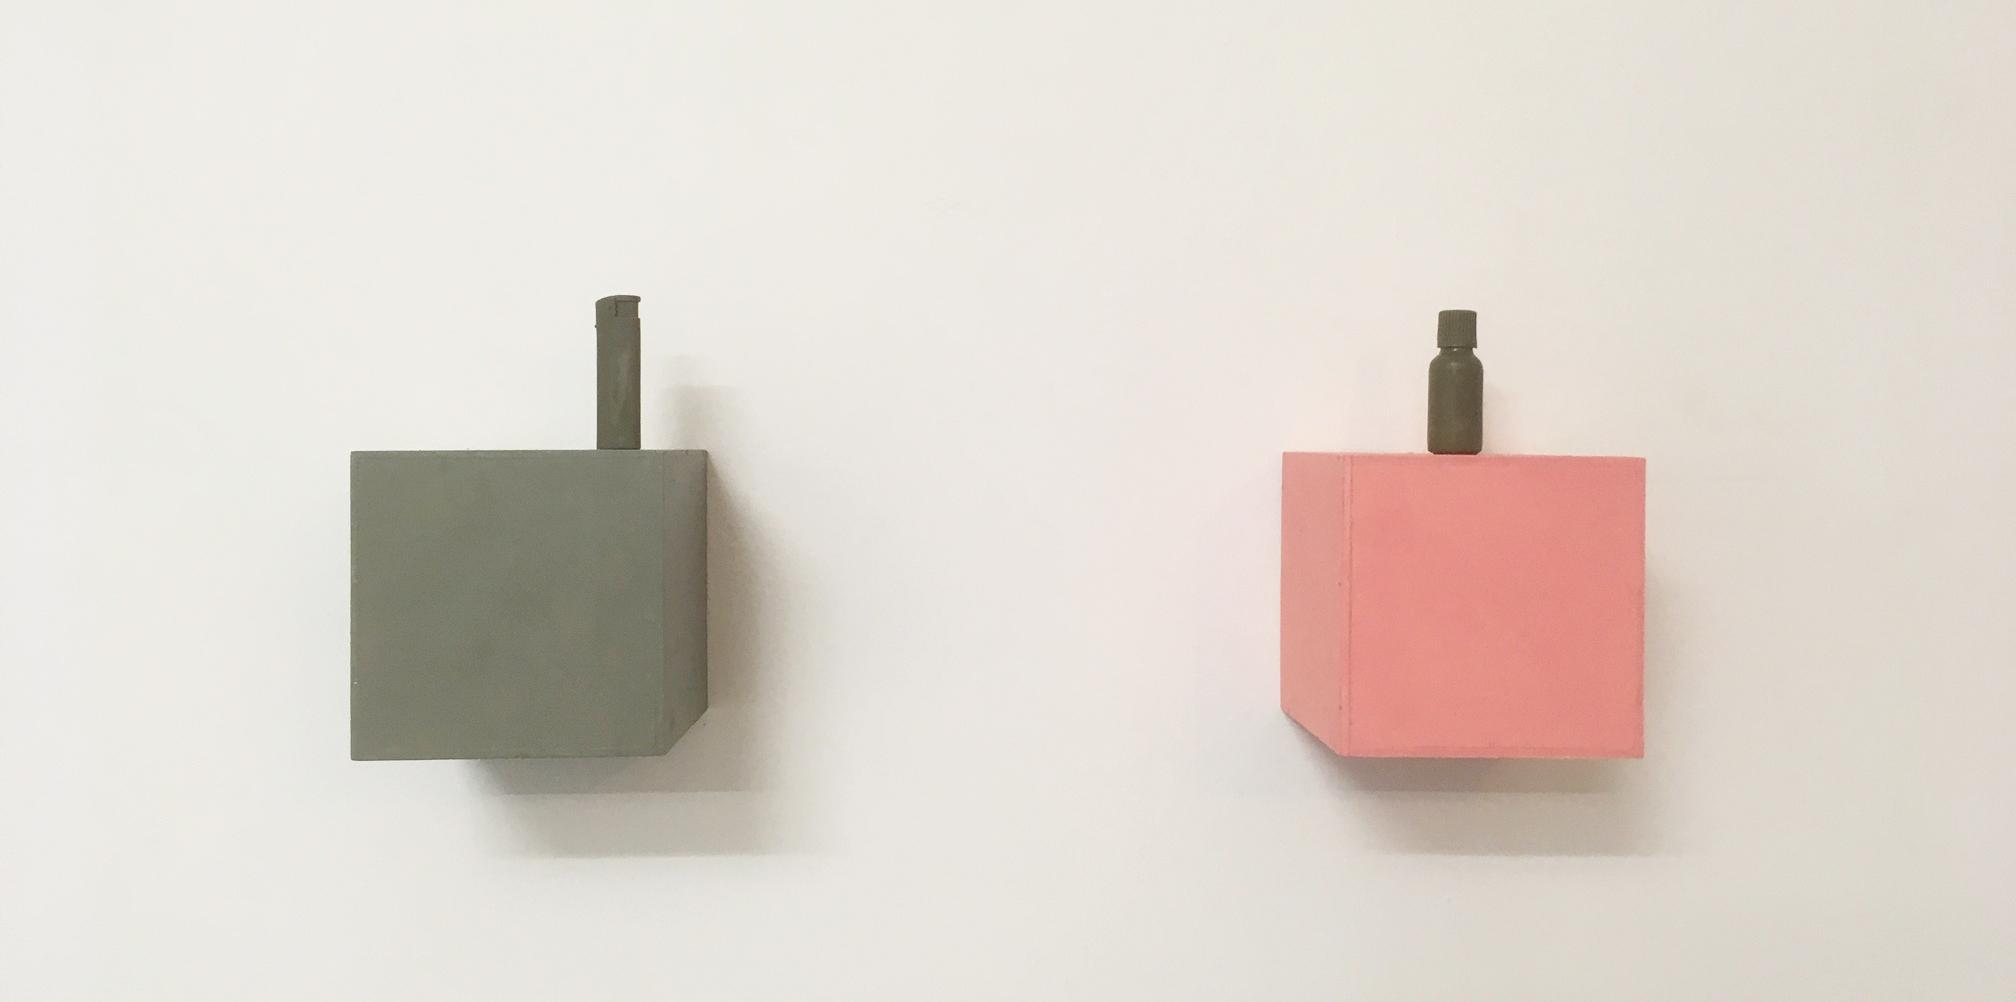 Installationsansicht 21 +, Kerstin von Gabain, Ohne Titel (Feuerzeug) (Psychopax Fläschchen), 2019, Holz, Öl, Wachs